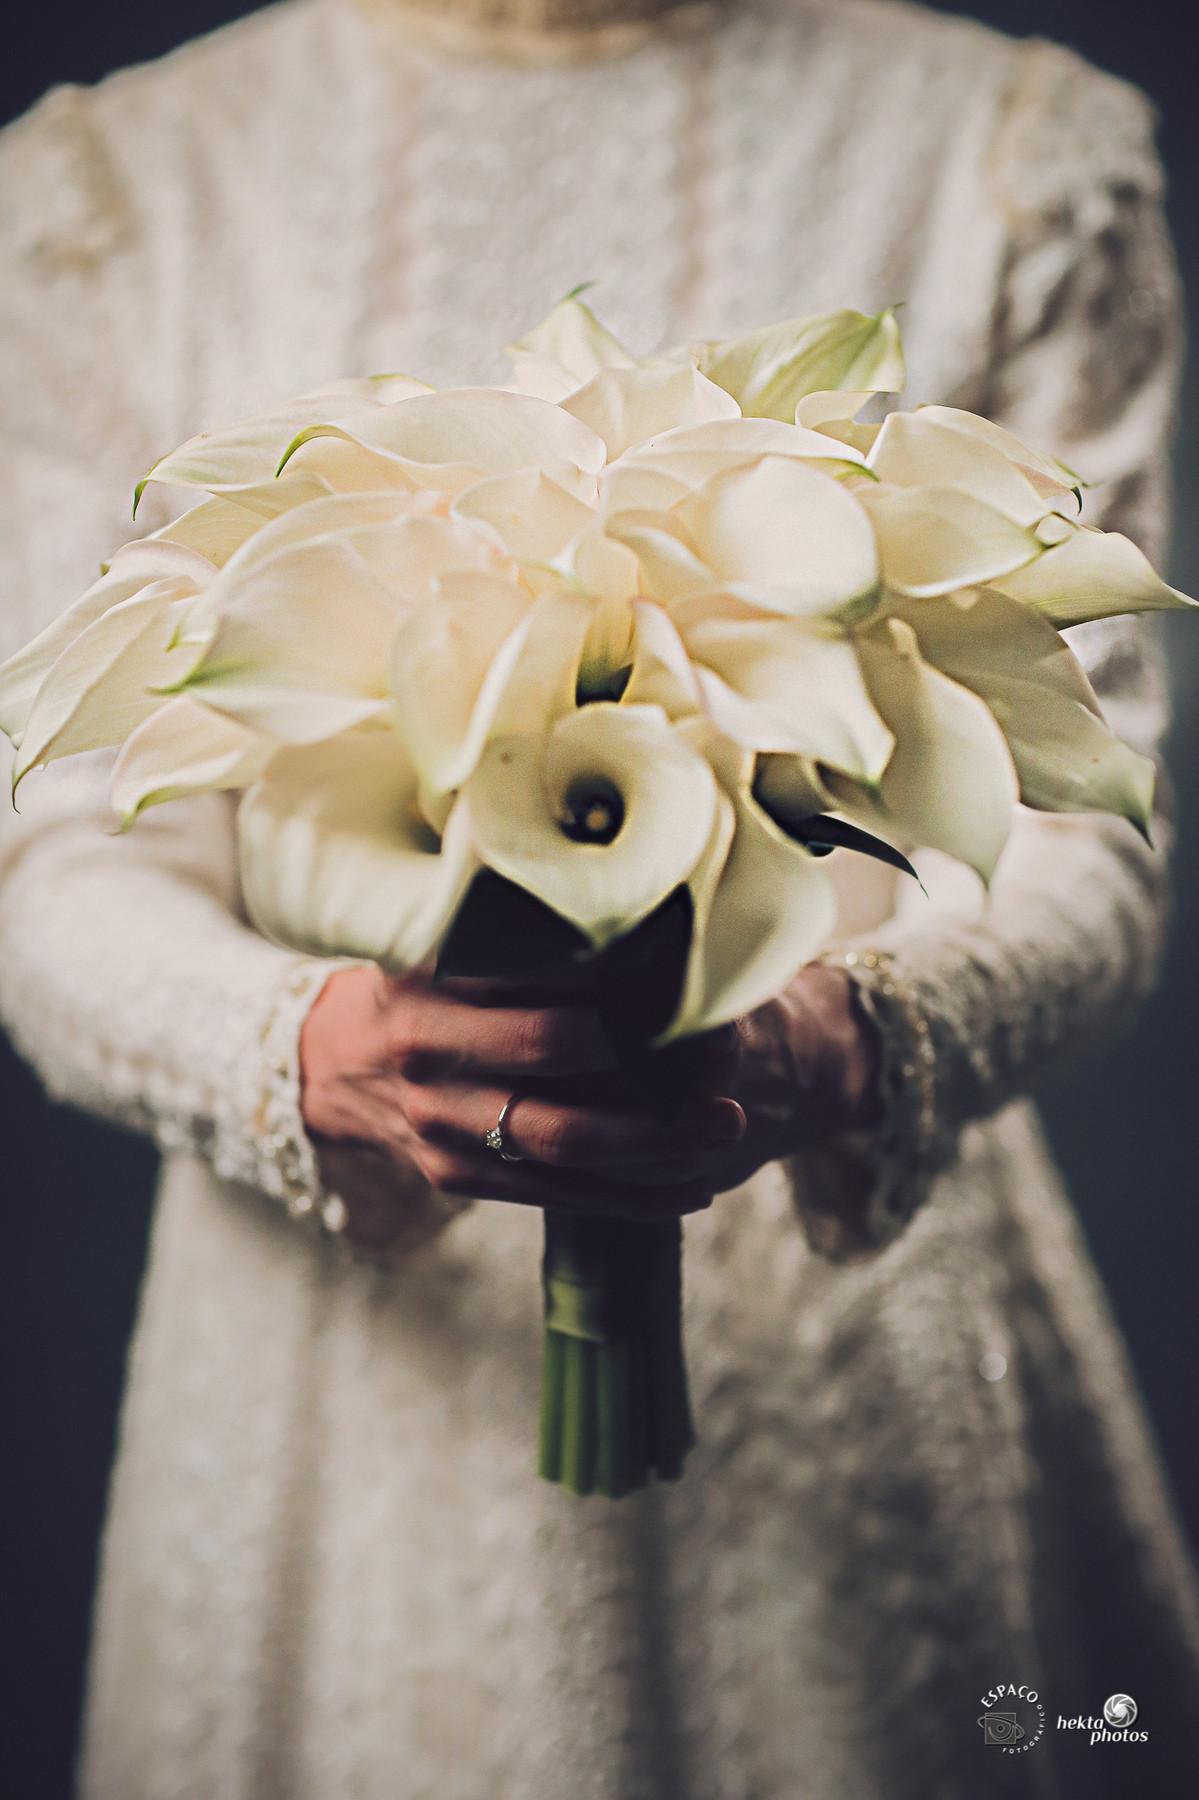 Detalhe do buquê da noiva